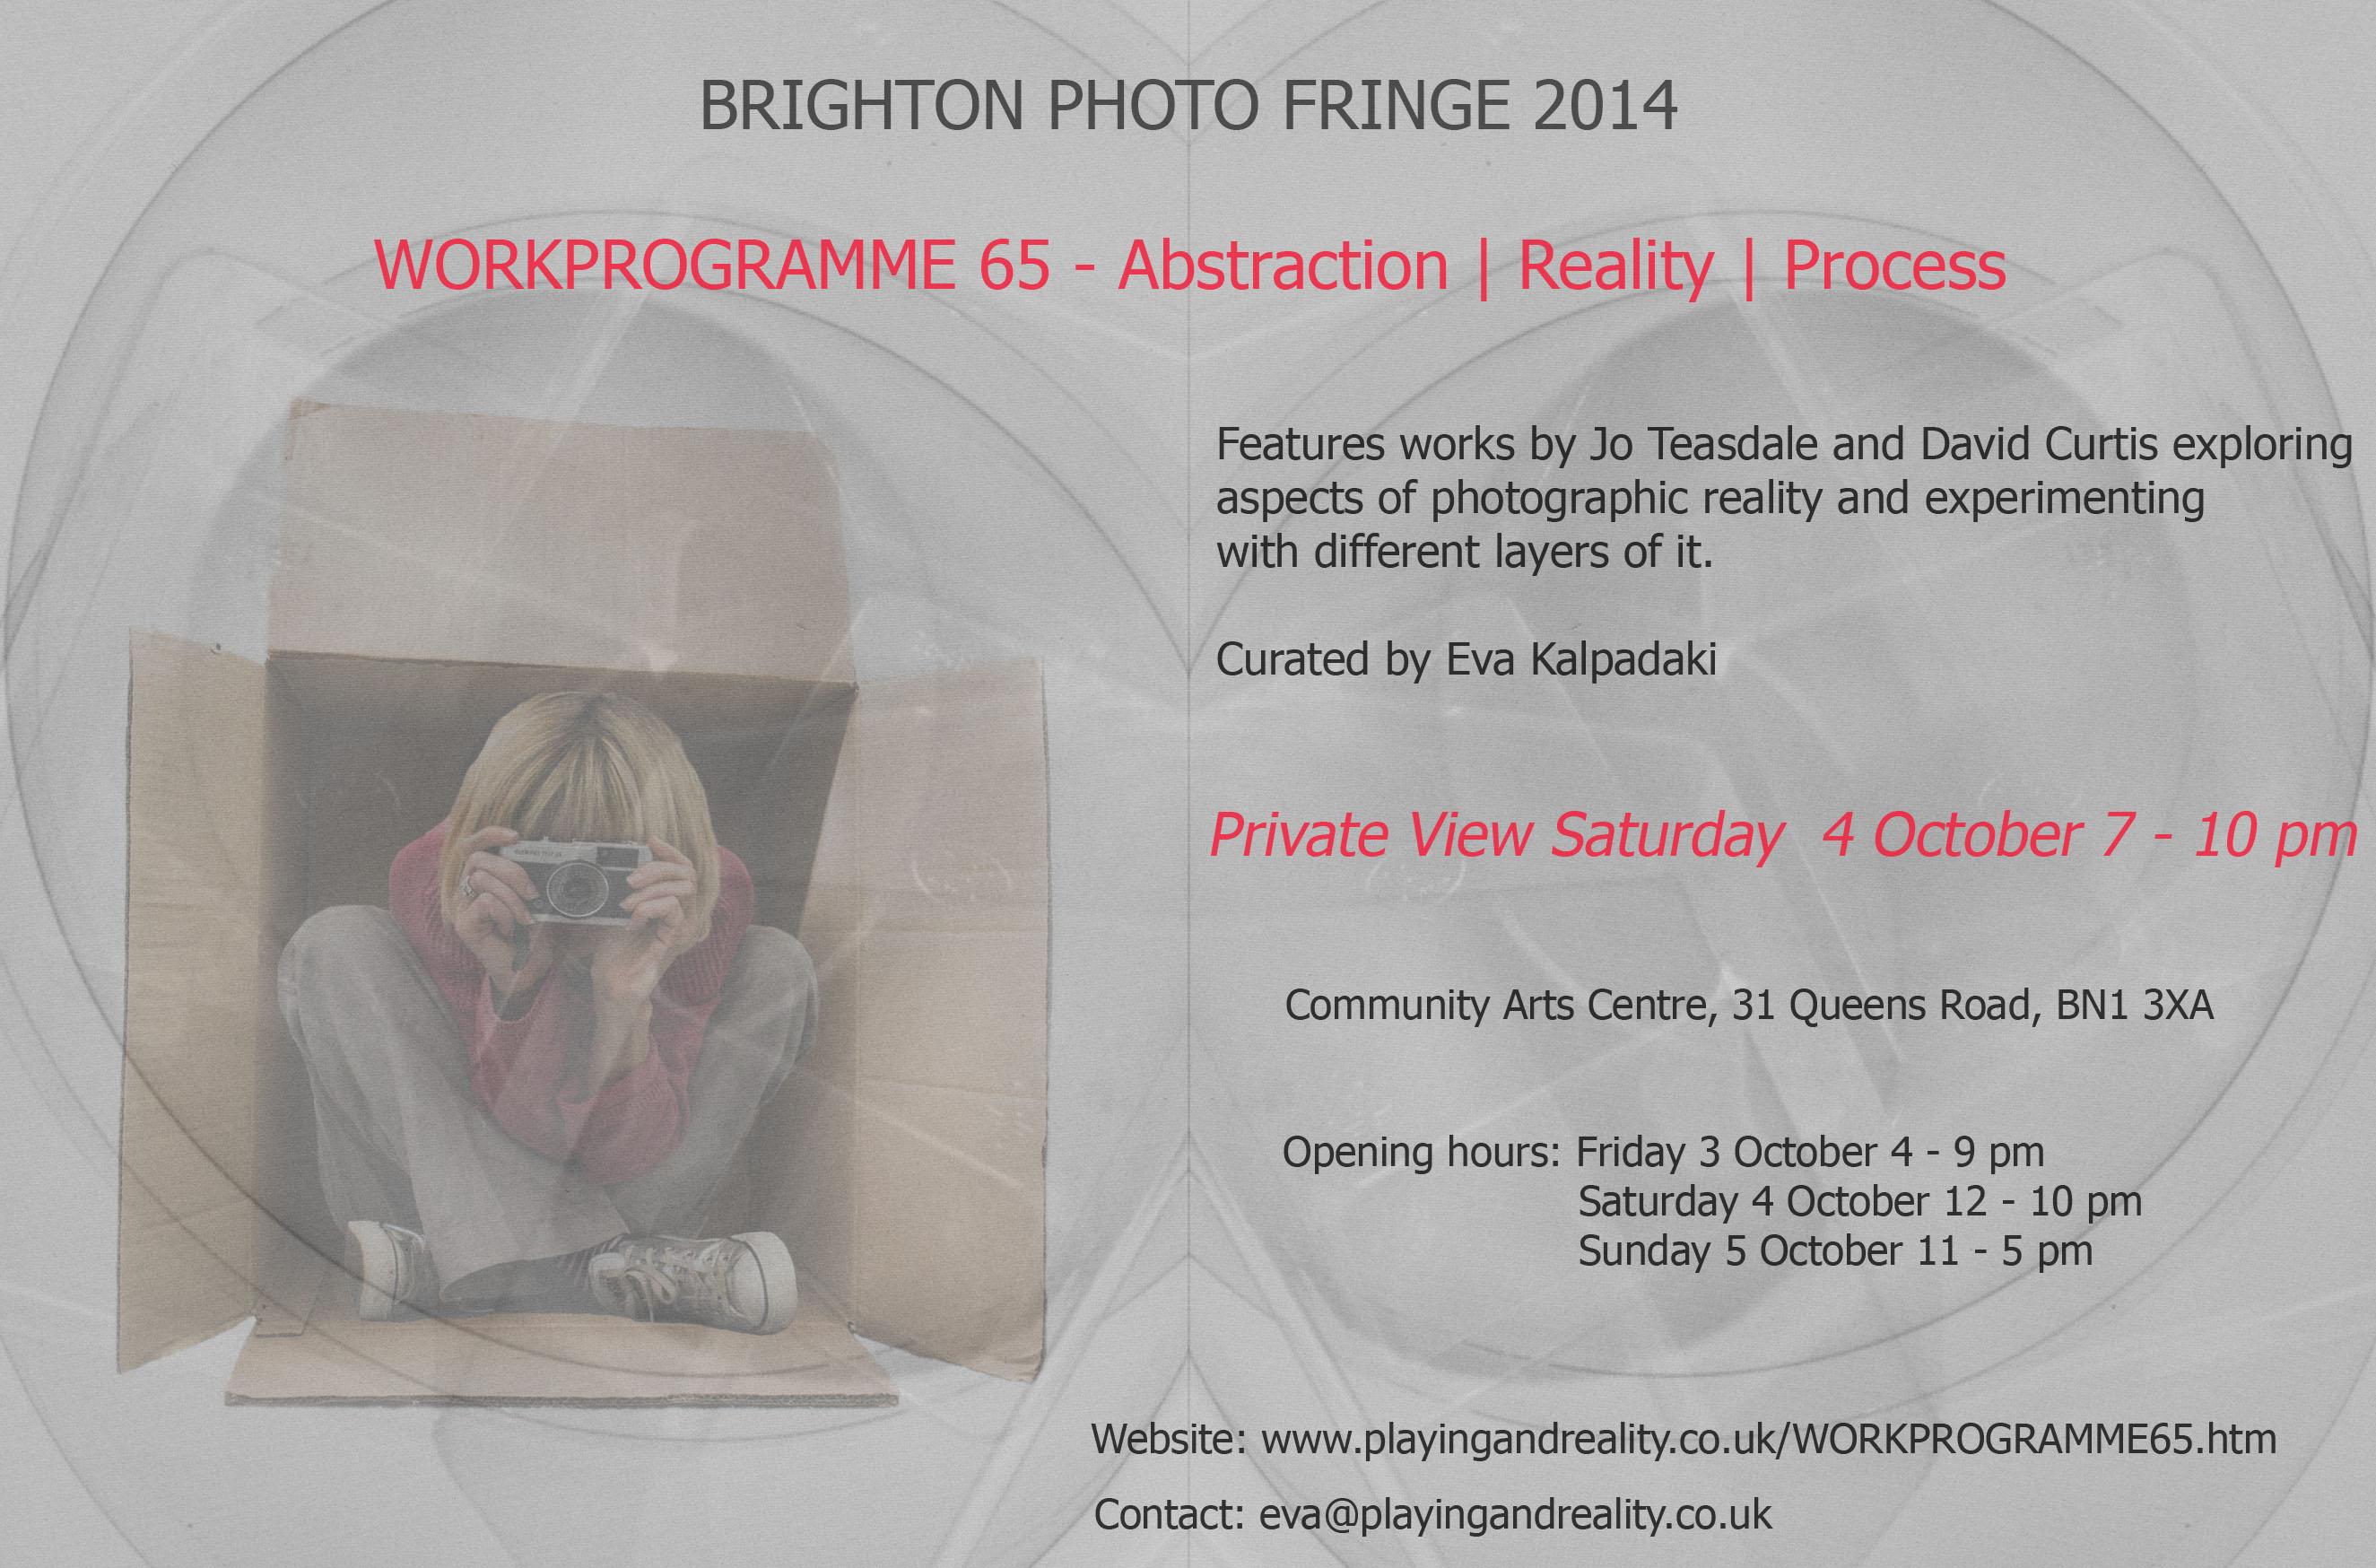 Brighton Photo Fringe 2014